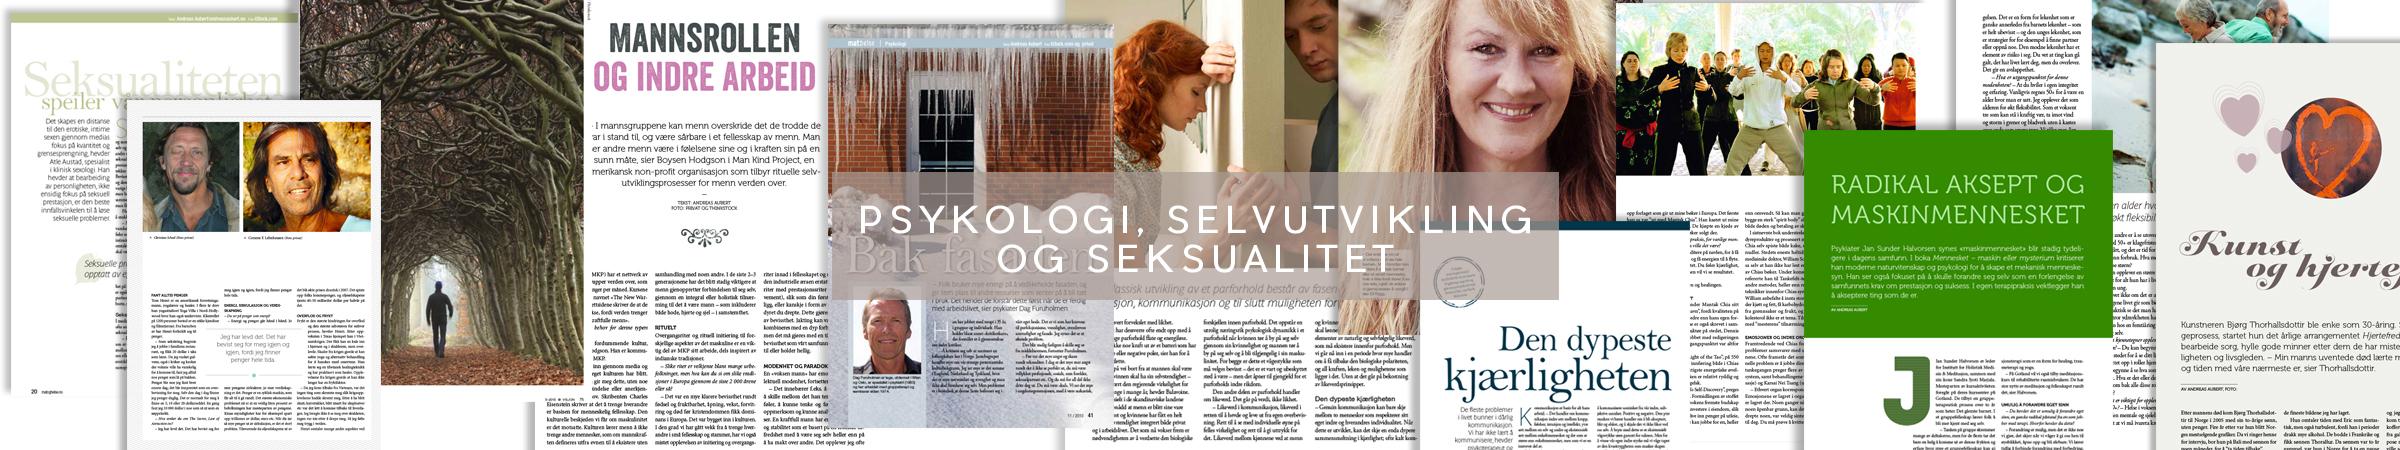 Psykologi-selvutvikling-og-seksualitet-1